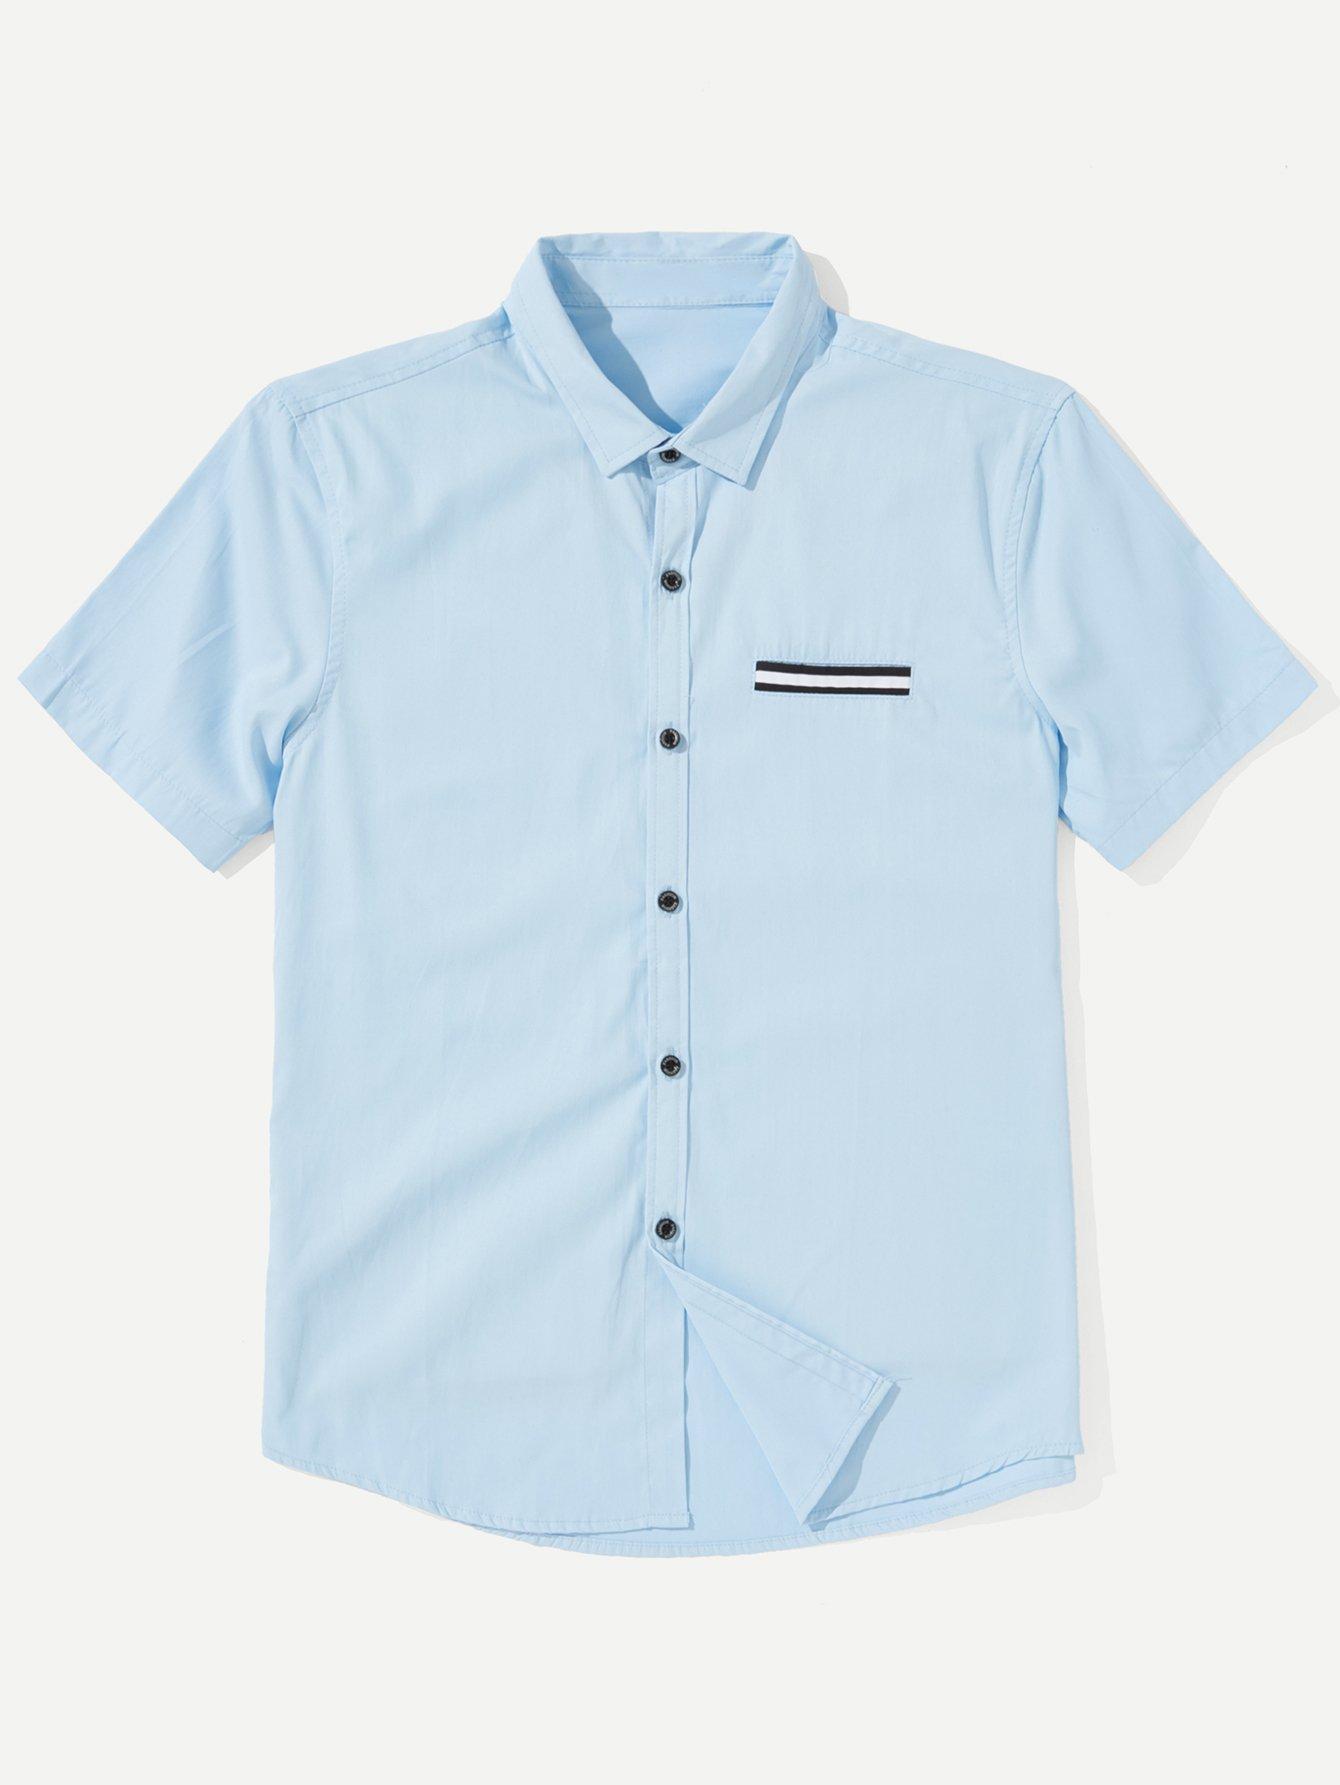 Купить Рубашка с полосками для мужчин, null, SheIn